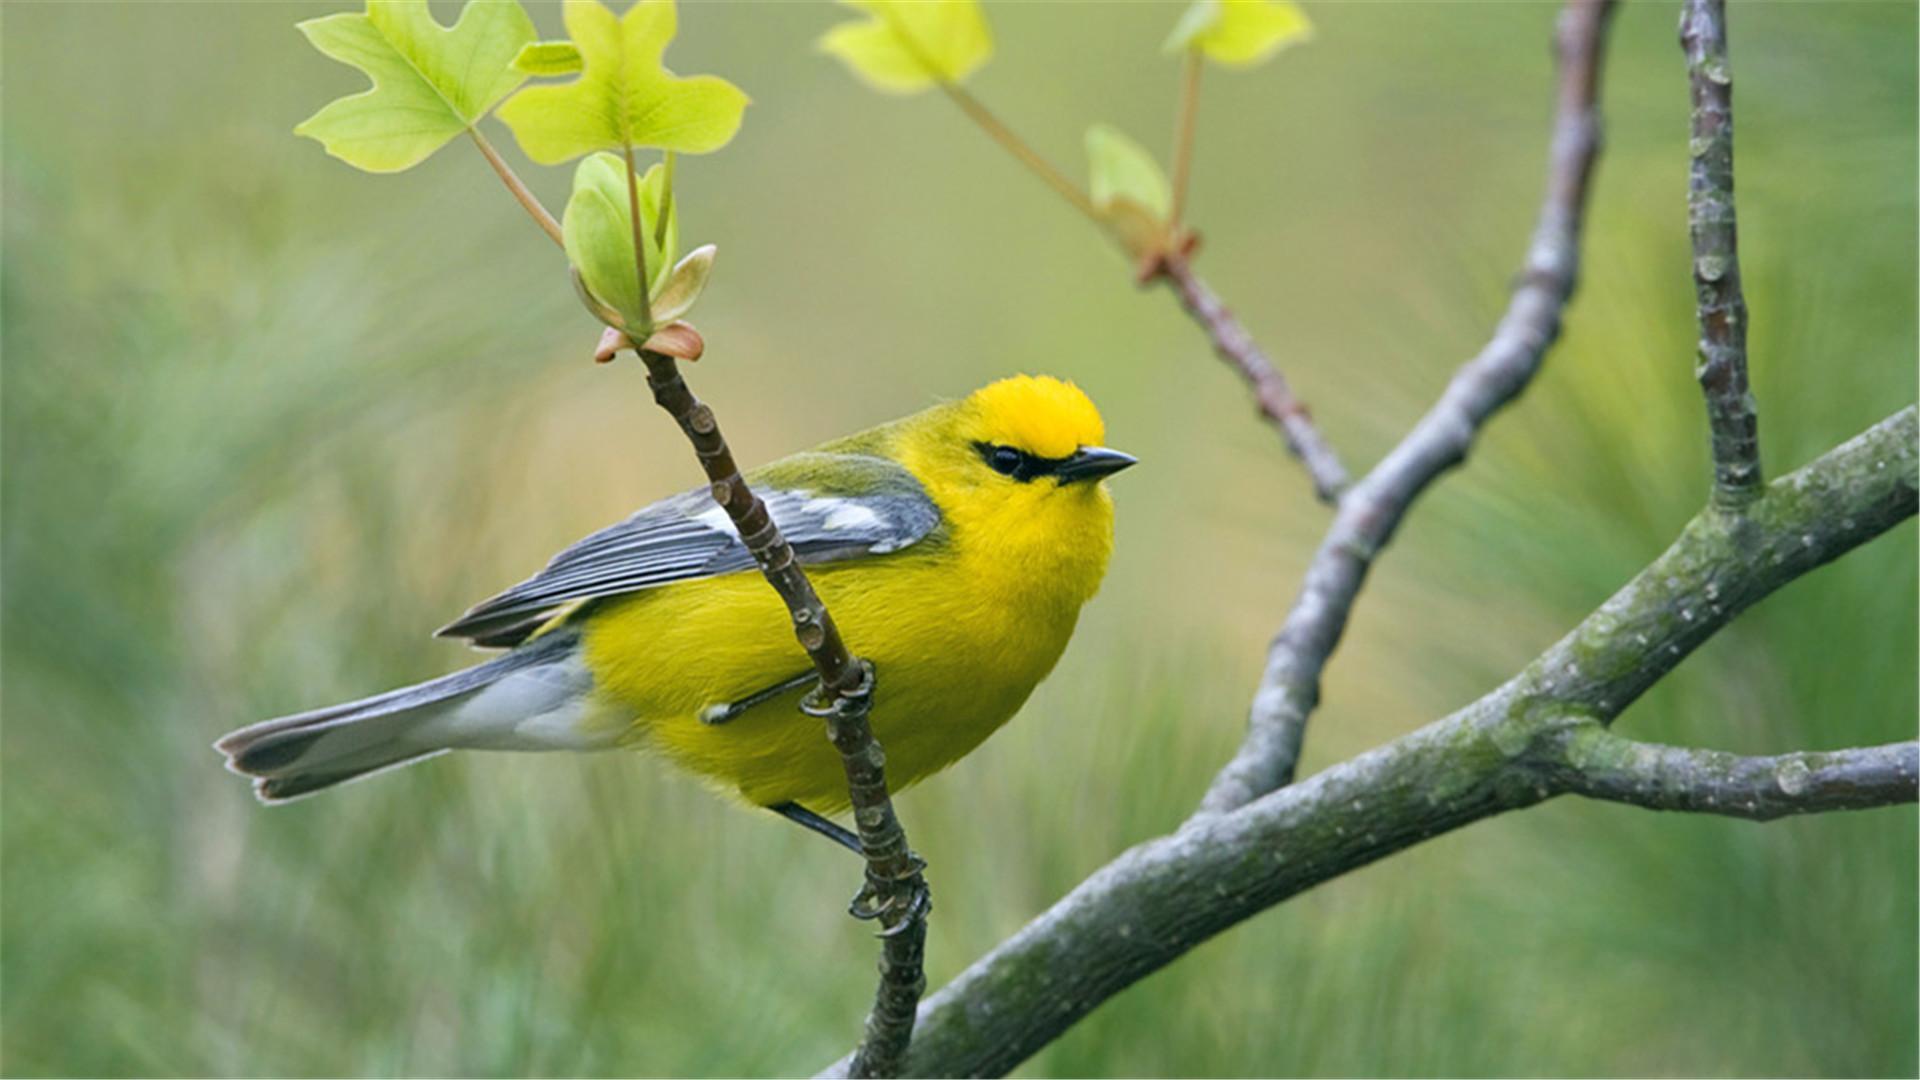 杨花落尽子规啼:鸣叫在诗歌里的鸟儿